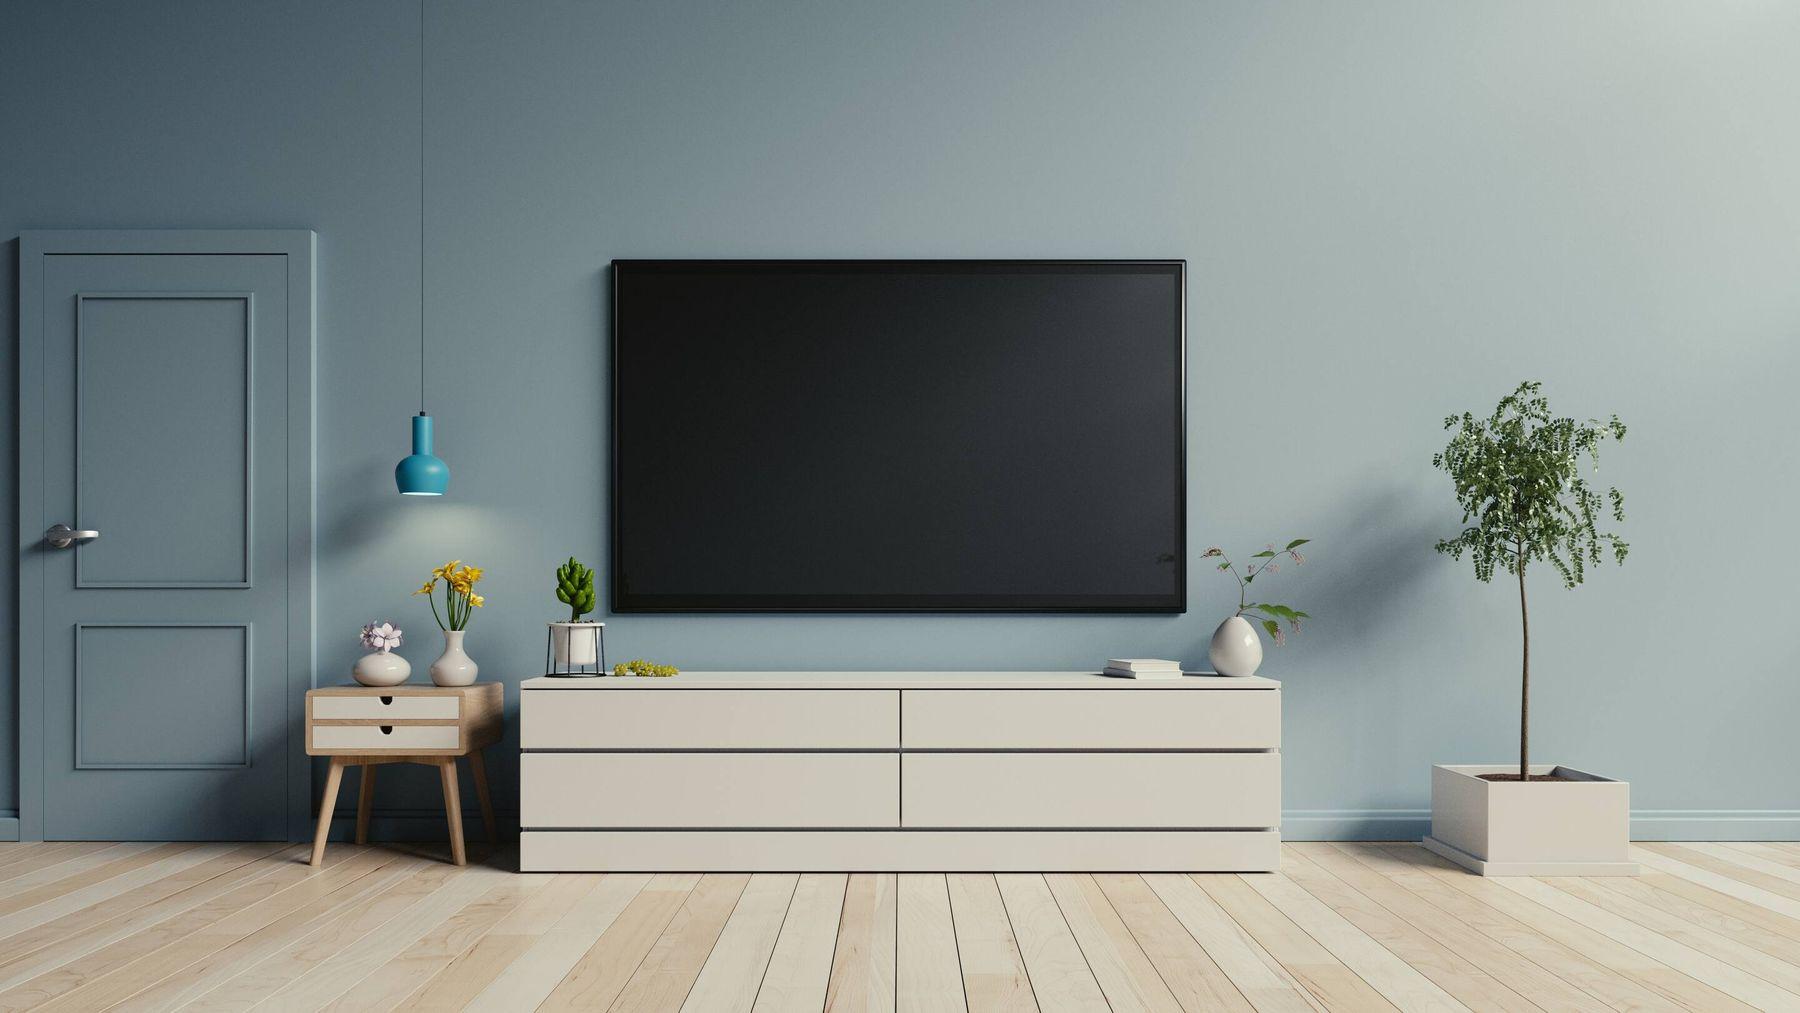 cách vệ sinh màn hình tivi - nhớ tắt nguồn điện